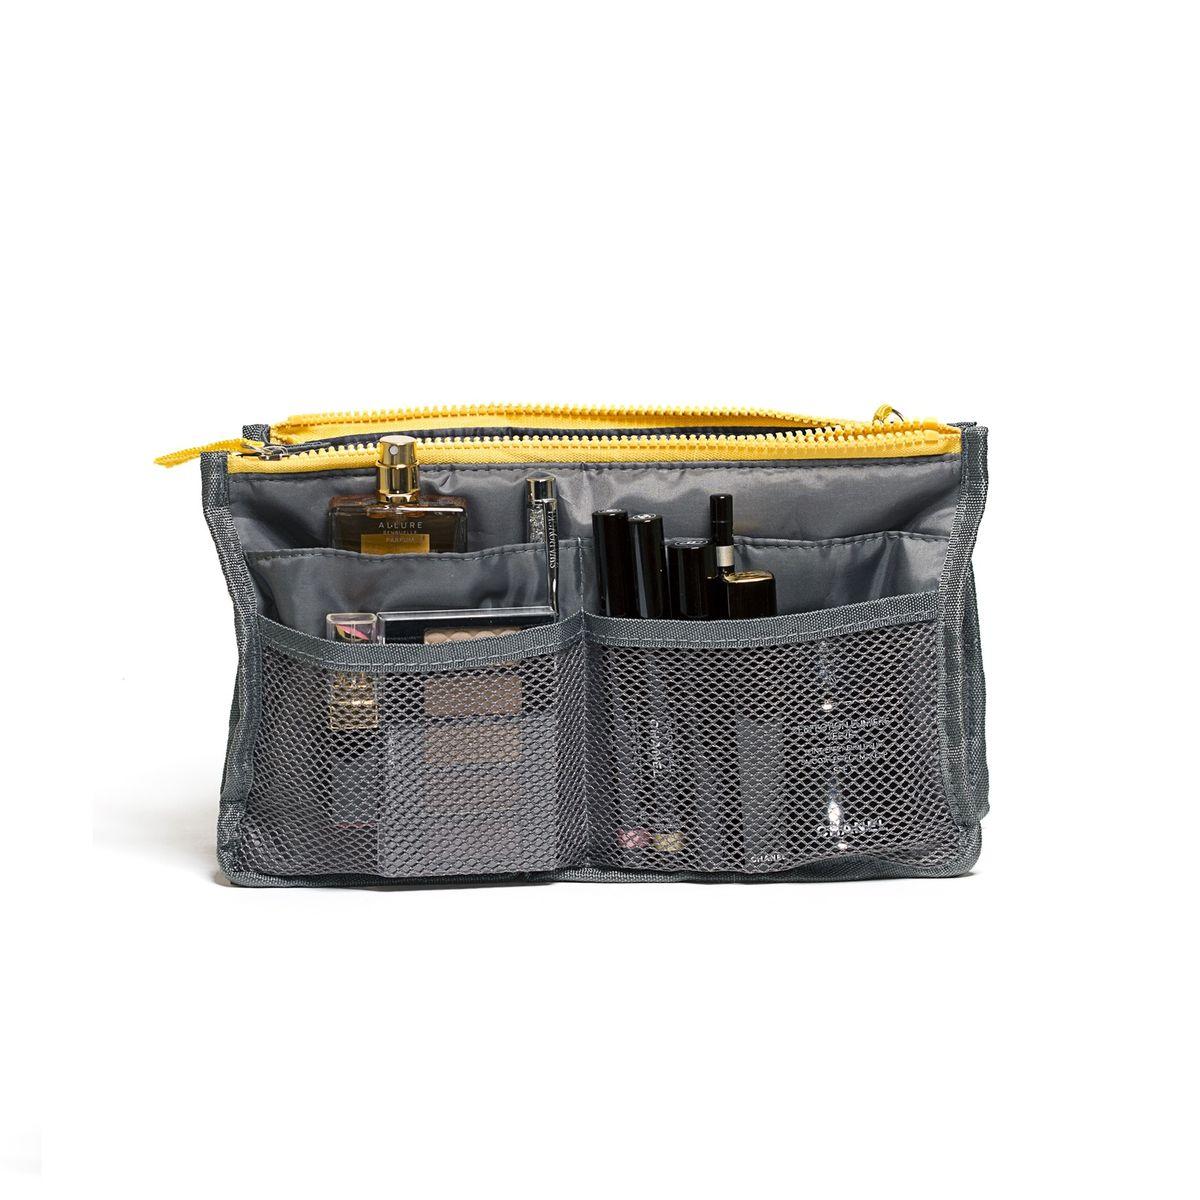 Органайзер для сумки Homsu, цвет: серый, 30 x 8,5 x 18,5 смБрелок для ключейОрганайзер для сумки Homsu выполнен из полиэстера. Этот органайзер благодаря трем вместительным отделениям для вещей, четырем кармашкам по бокам и шести кармашкам в виде сетки обеспечит полный порядок в вашей сумке. Кроме того, изделие обладает интересным стилем, выполнено в сером цвете и оснащено двумя крепкими ручками, что позволяет применять его и вне сумки, как отдельный аксессуар.